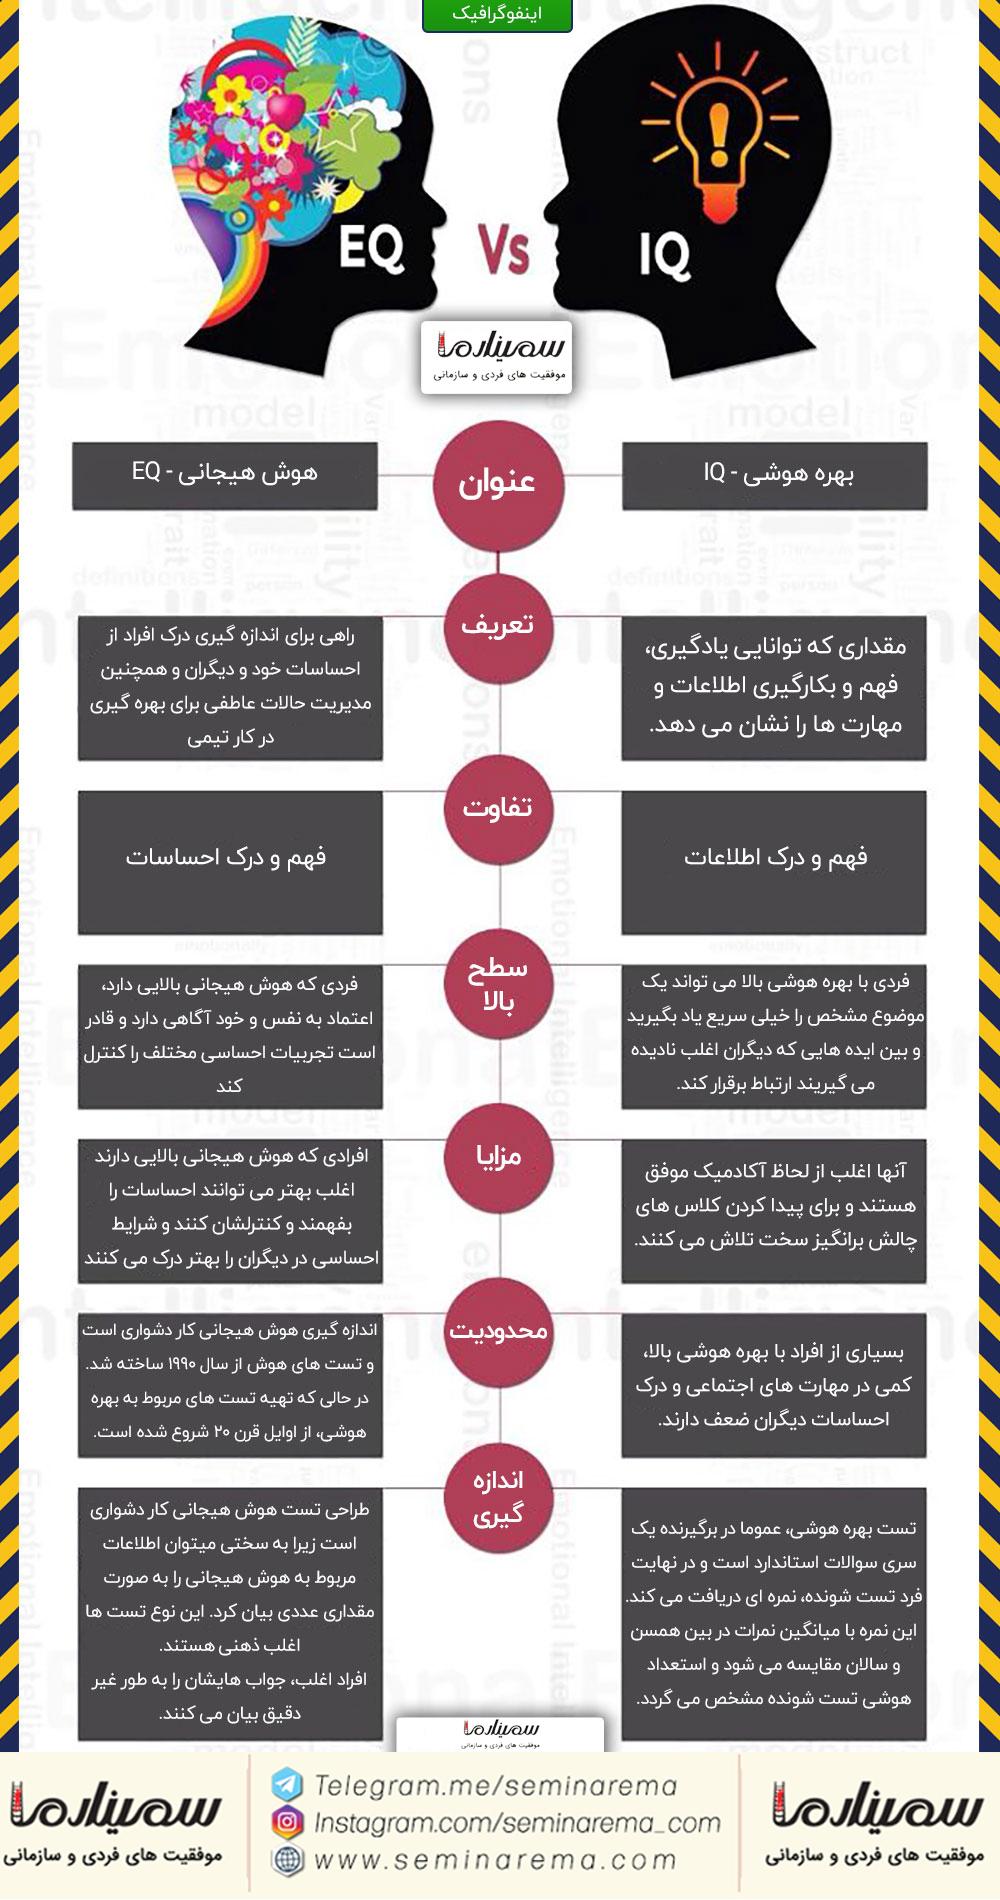 eq-vs-iq-infographic